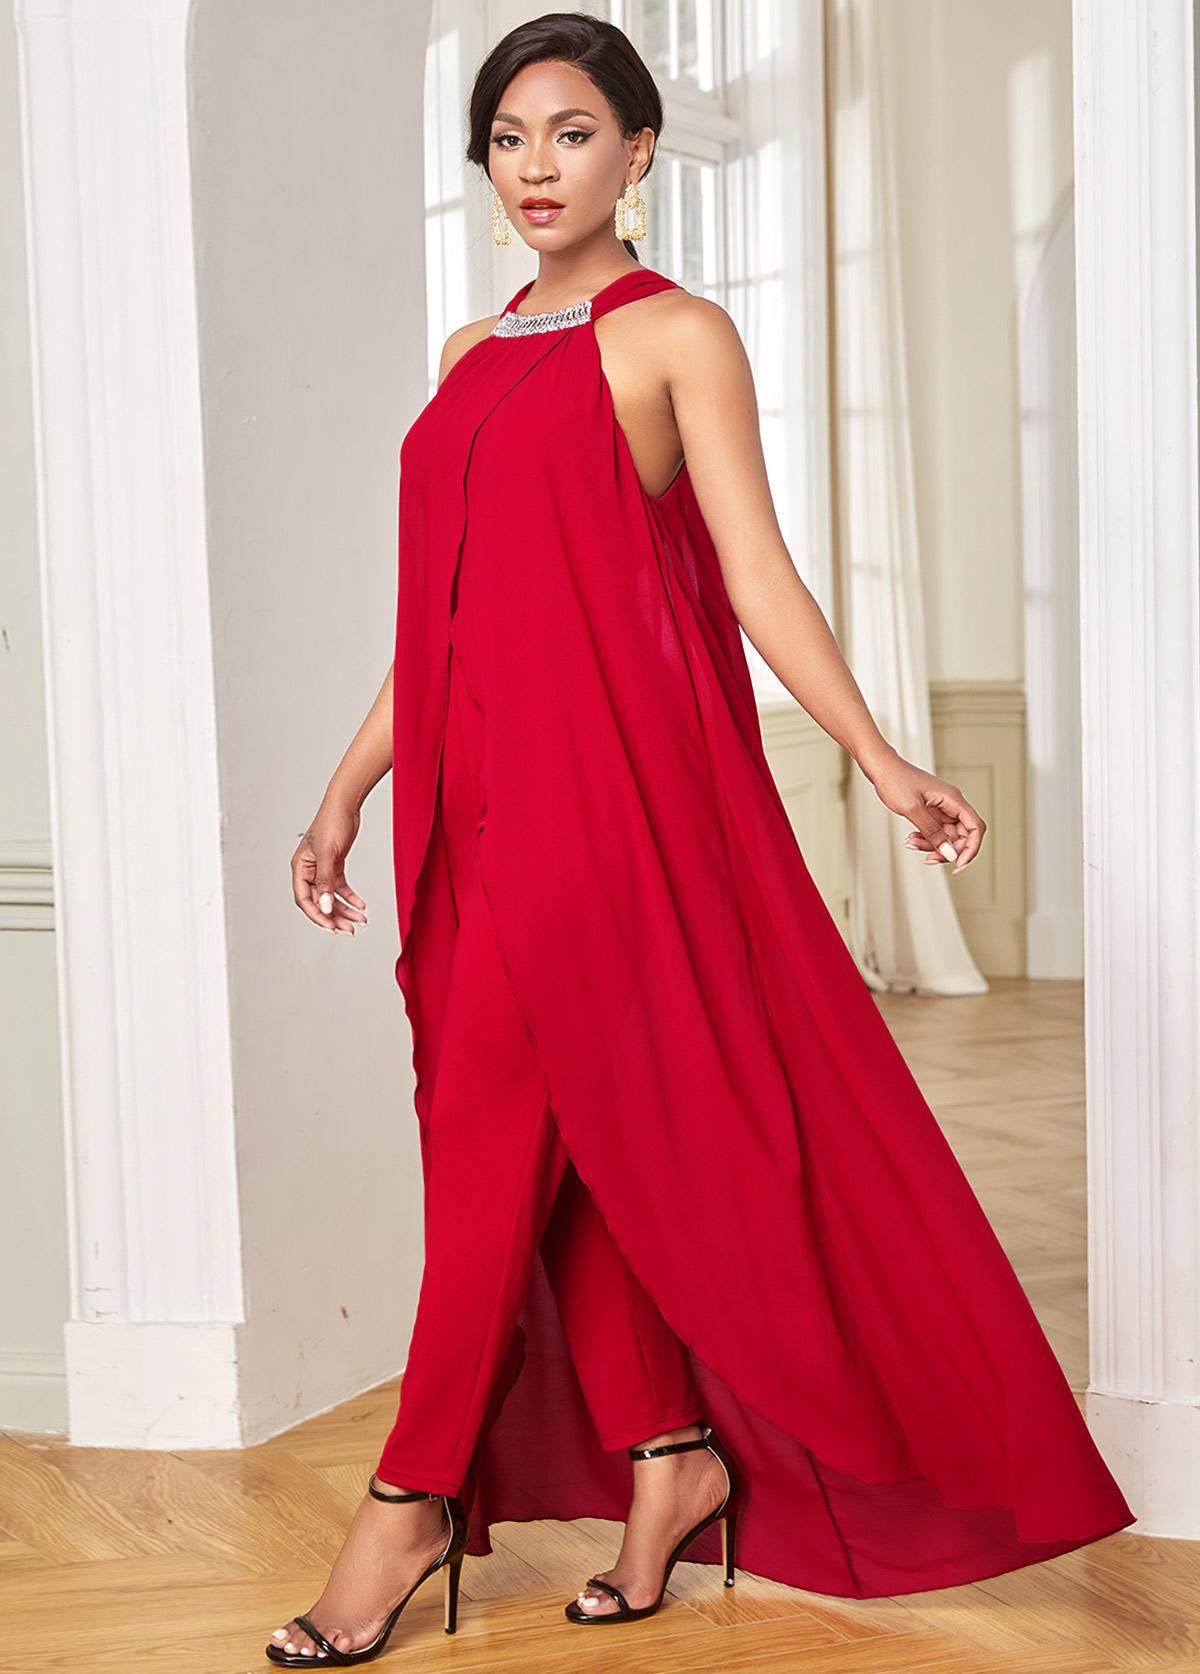 Overlay Embellished Neck Chiffon Sleeveless Jumpsuit